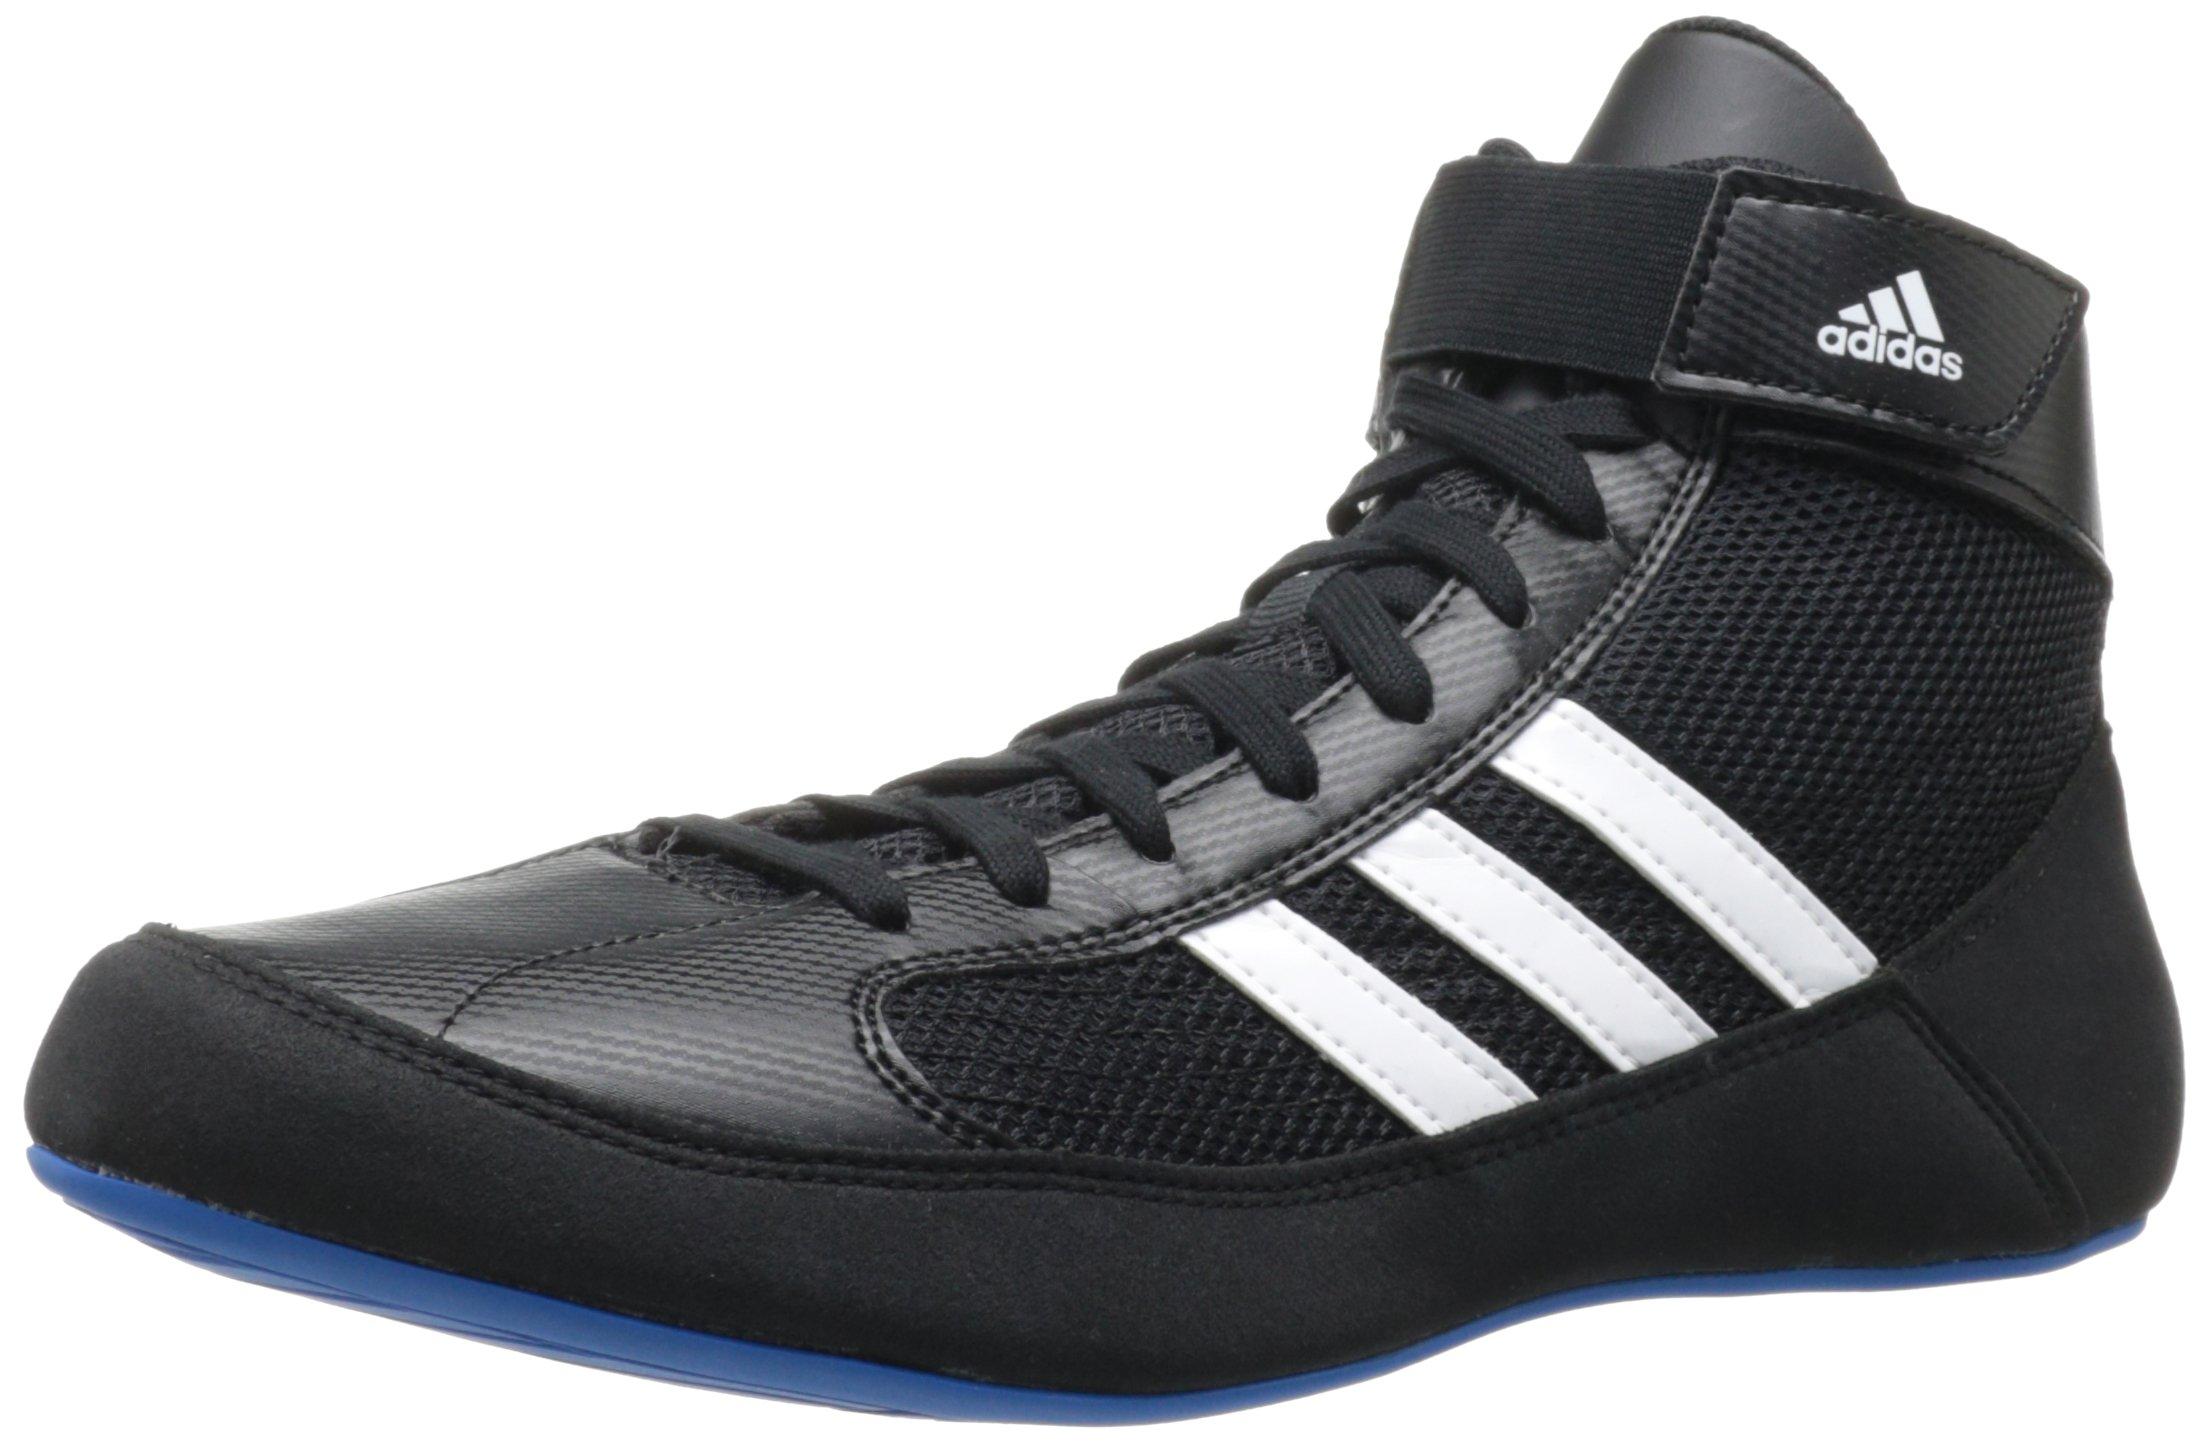 Adidas Wrestling Men's HVC Wrestling Shoe,Black/Running White/Pride Blue,15 M US